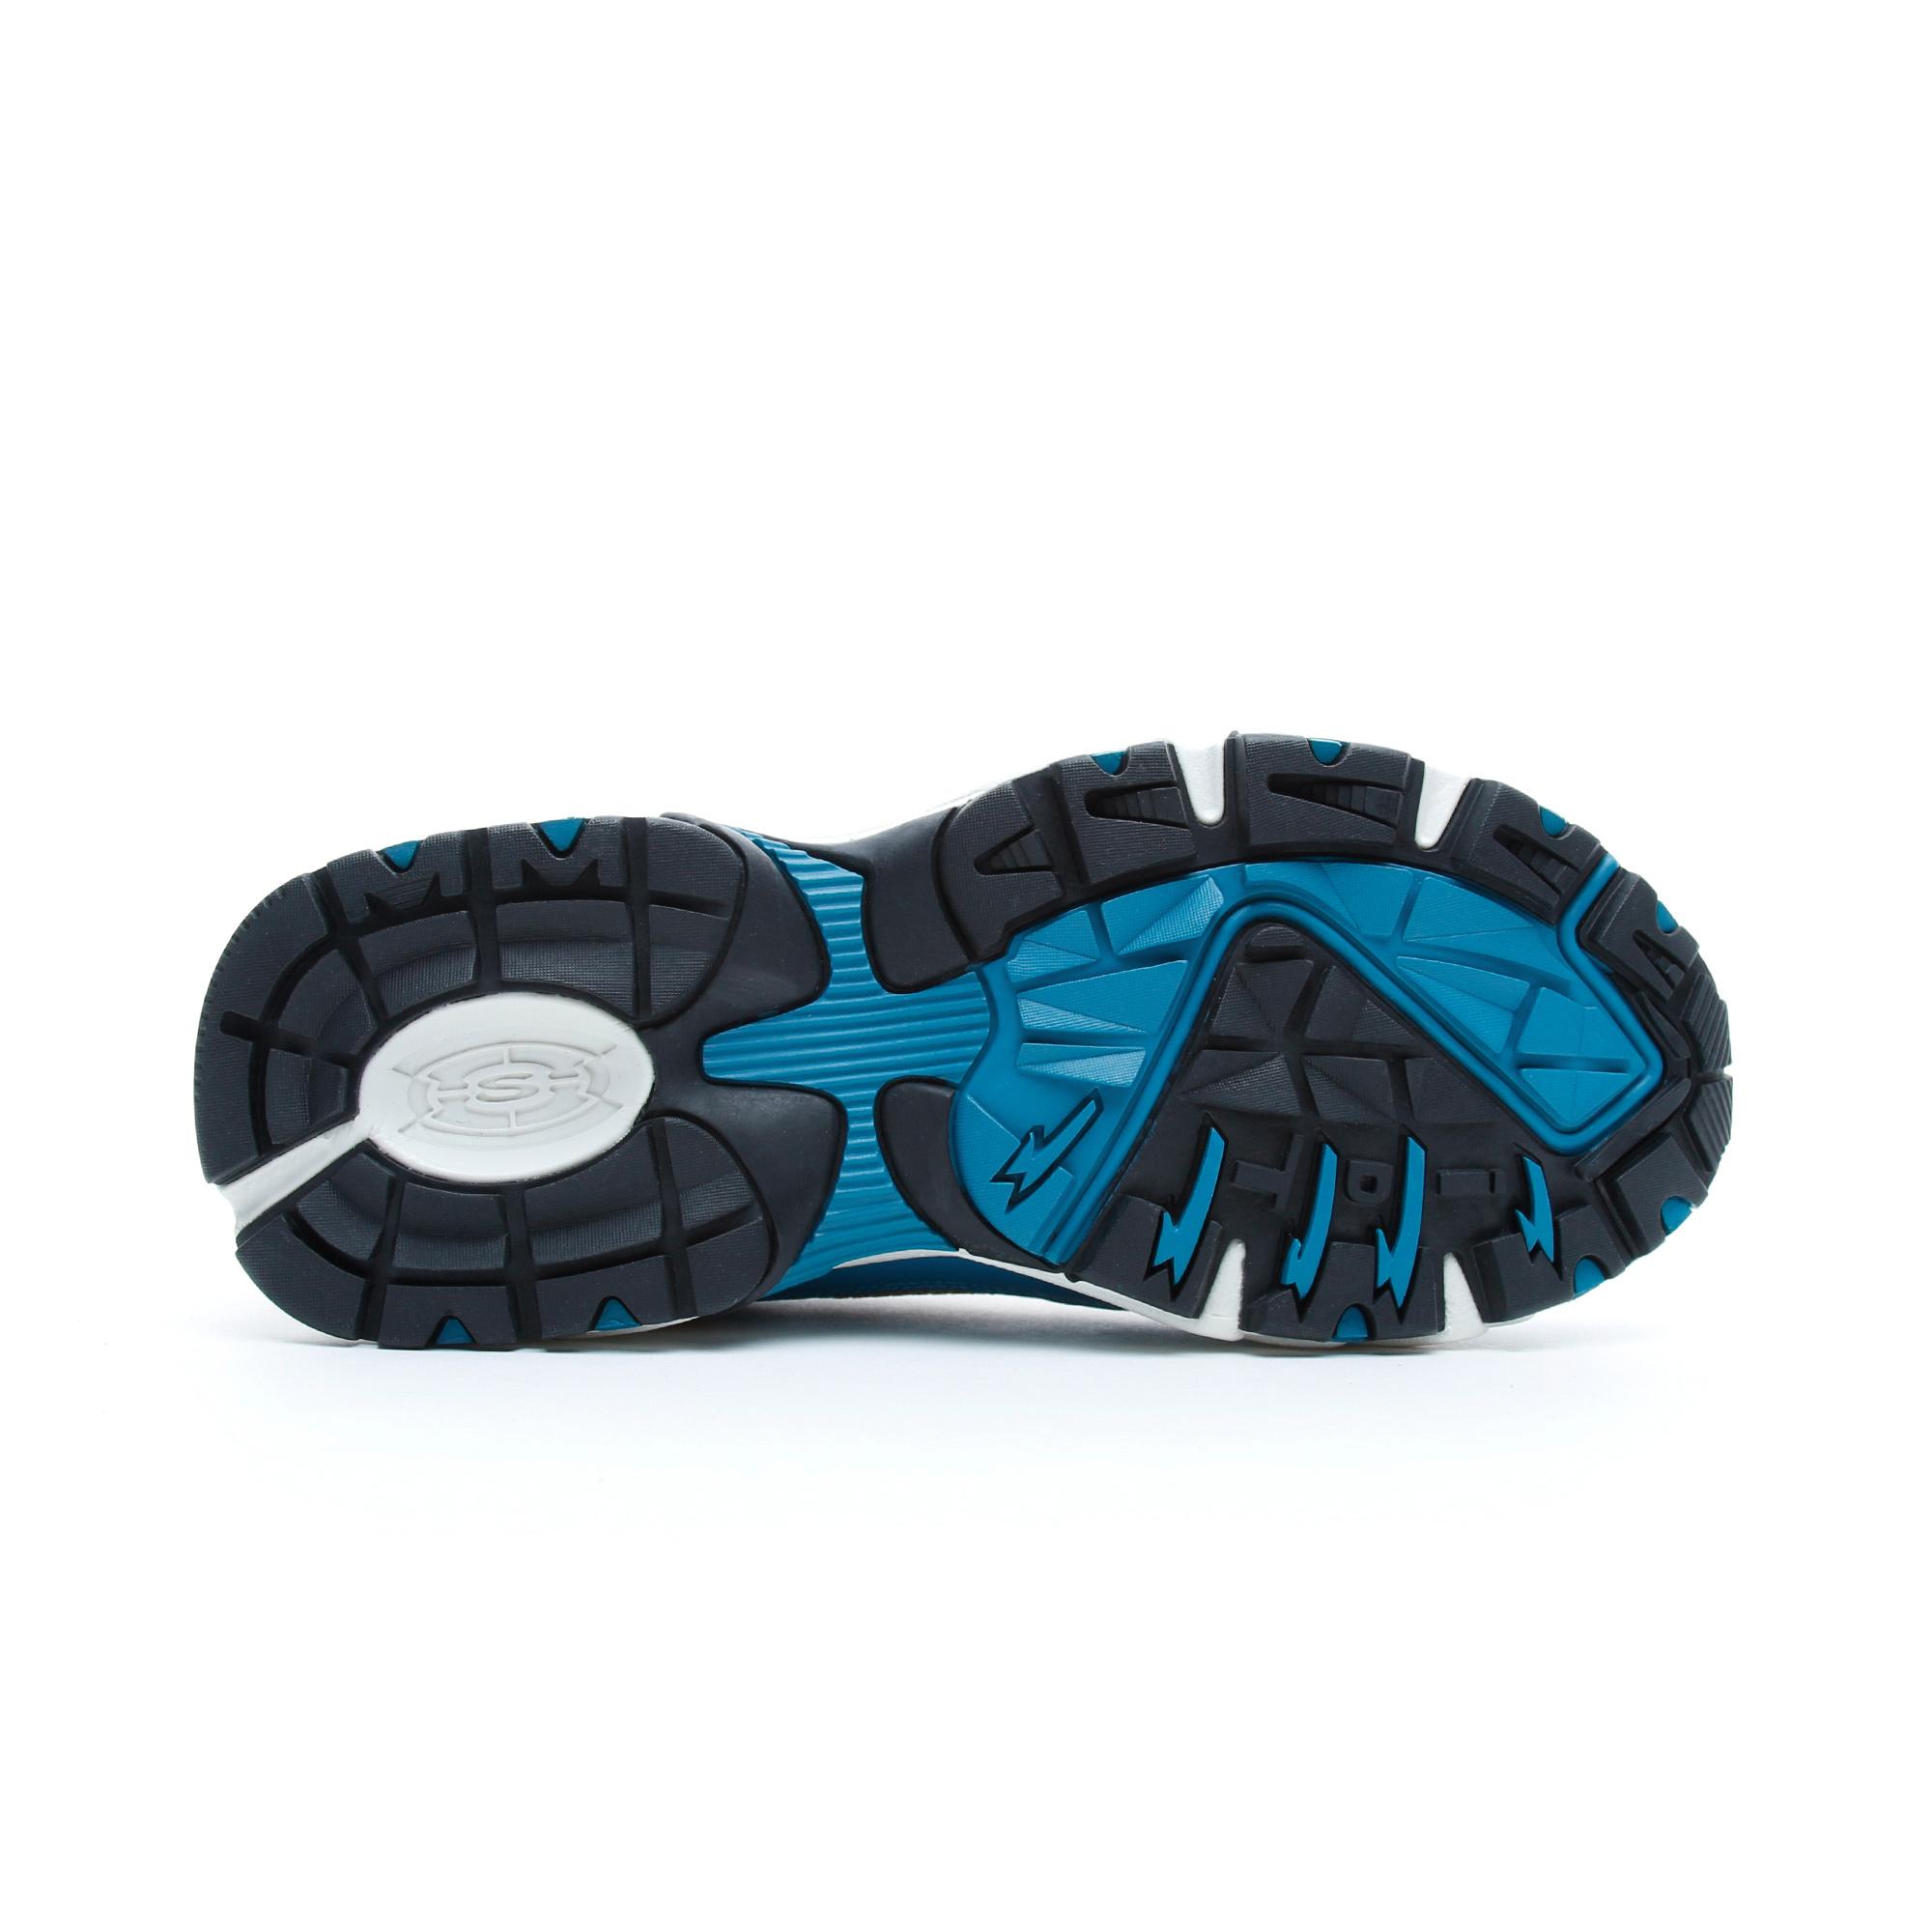 Skechers Stamina - Bluecoast Erkek Spor Ayakkabı